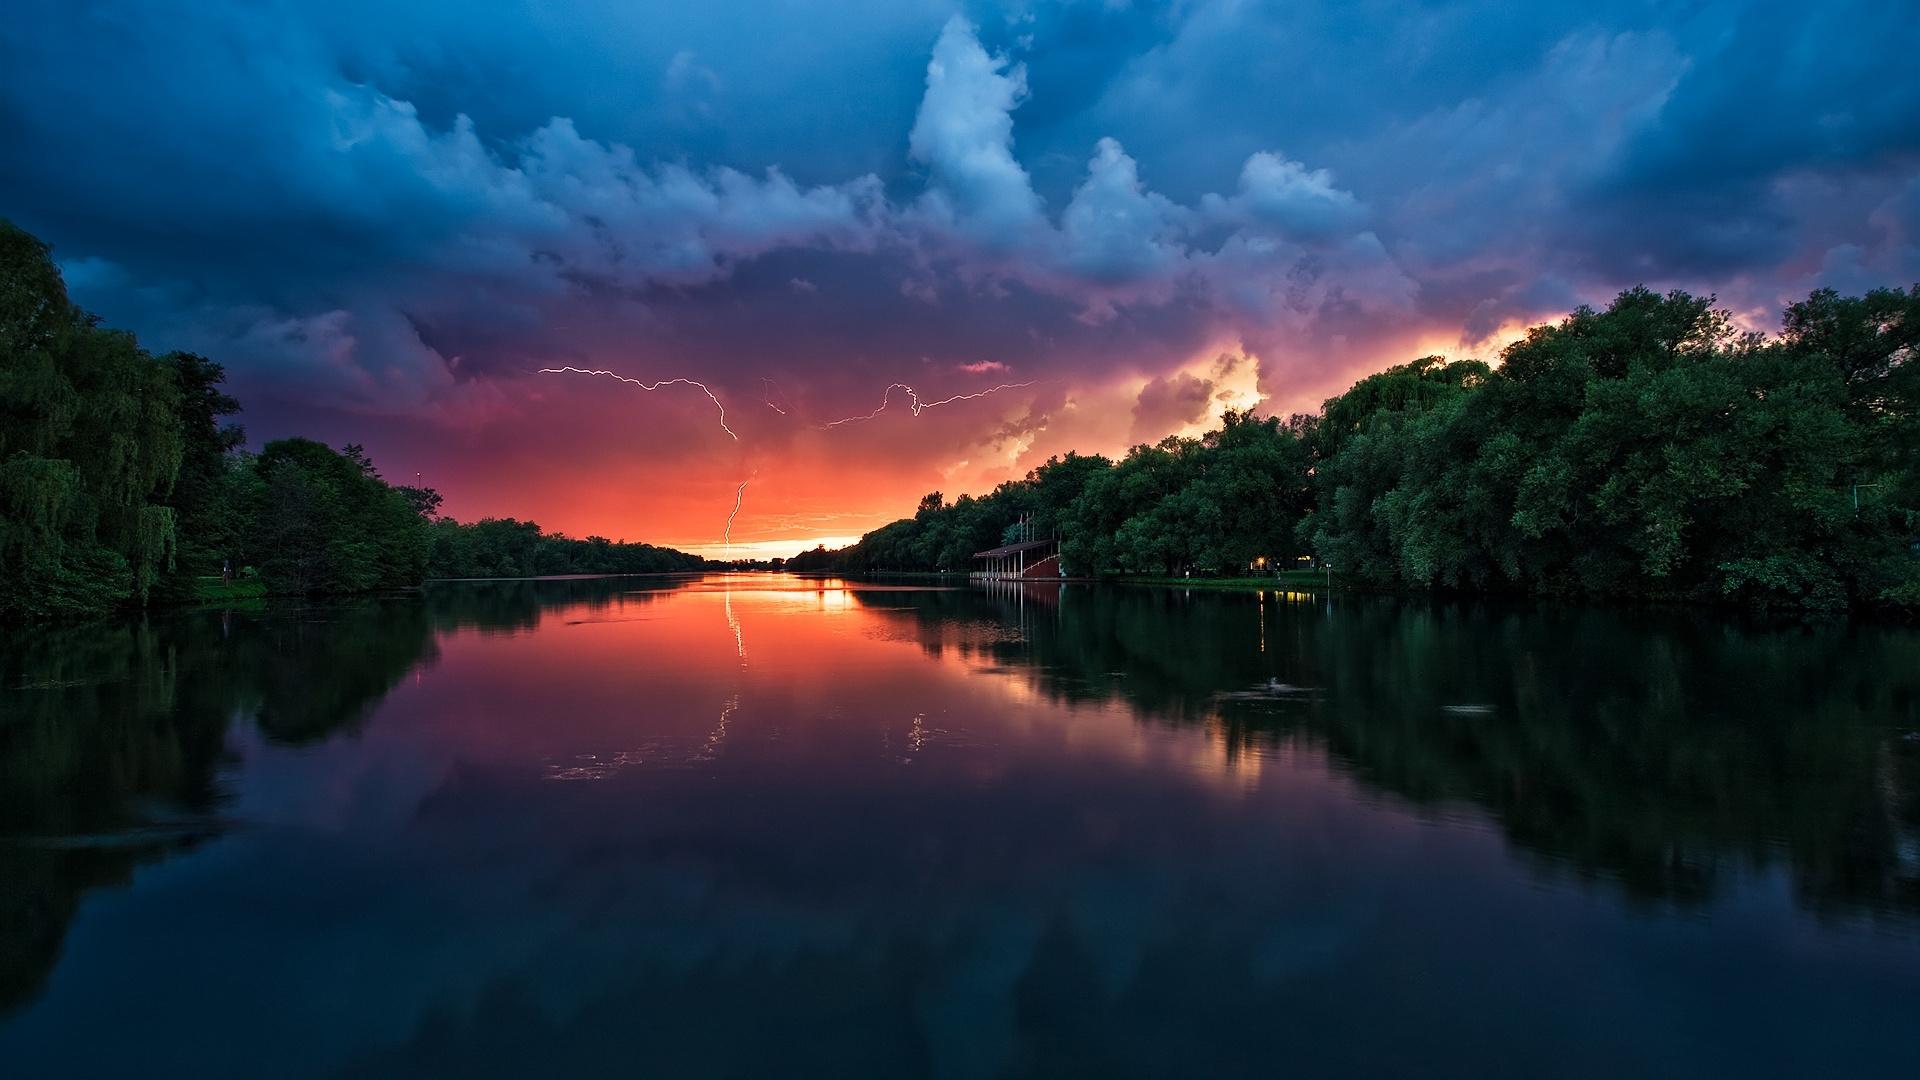 Скачать картинку Закат, Река, Пейзаж, Природа в телефон бесплатно.